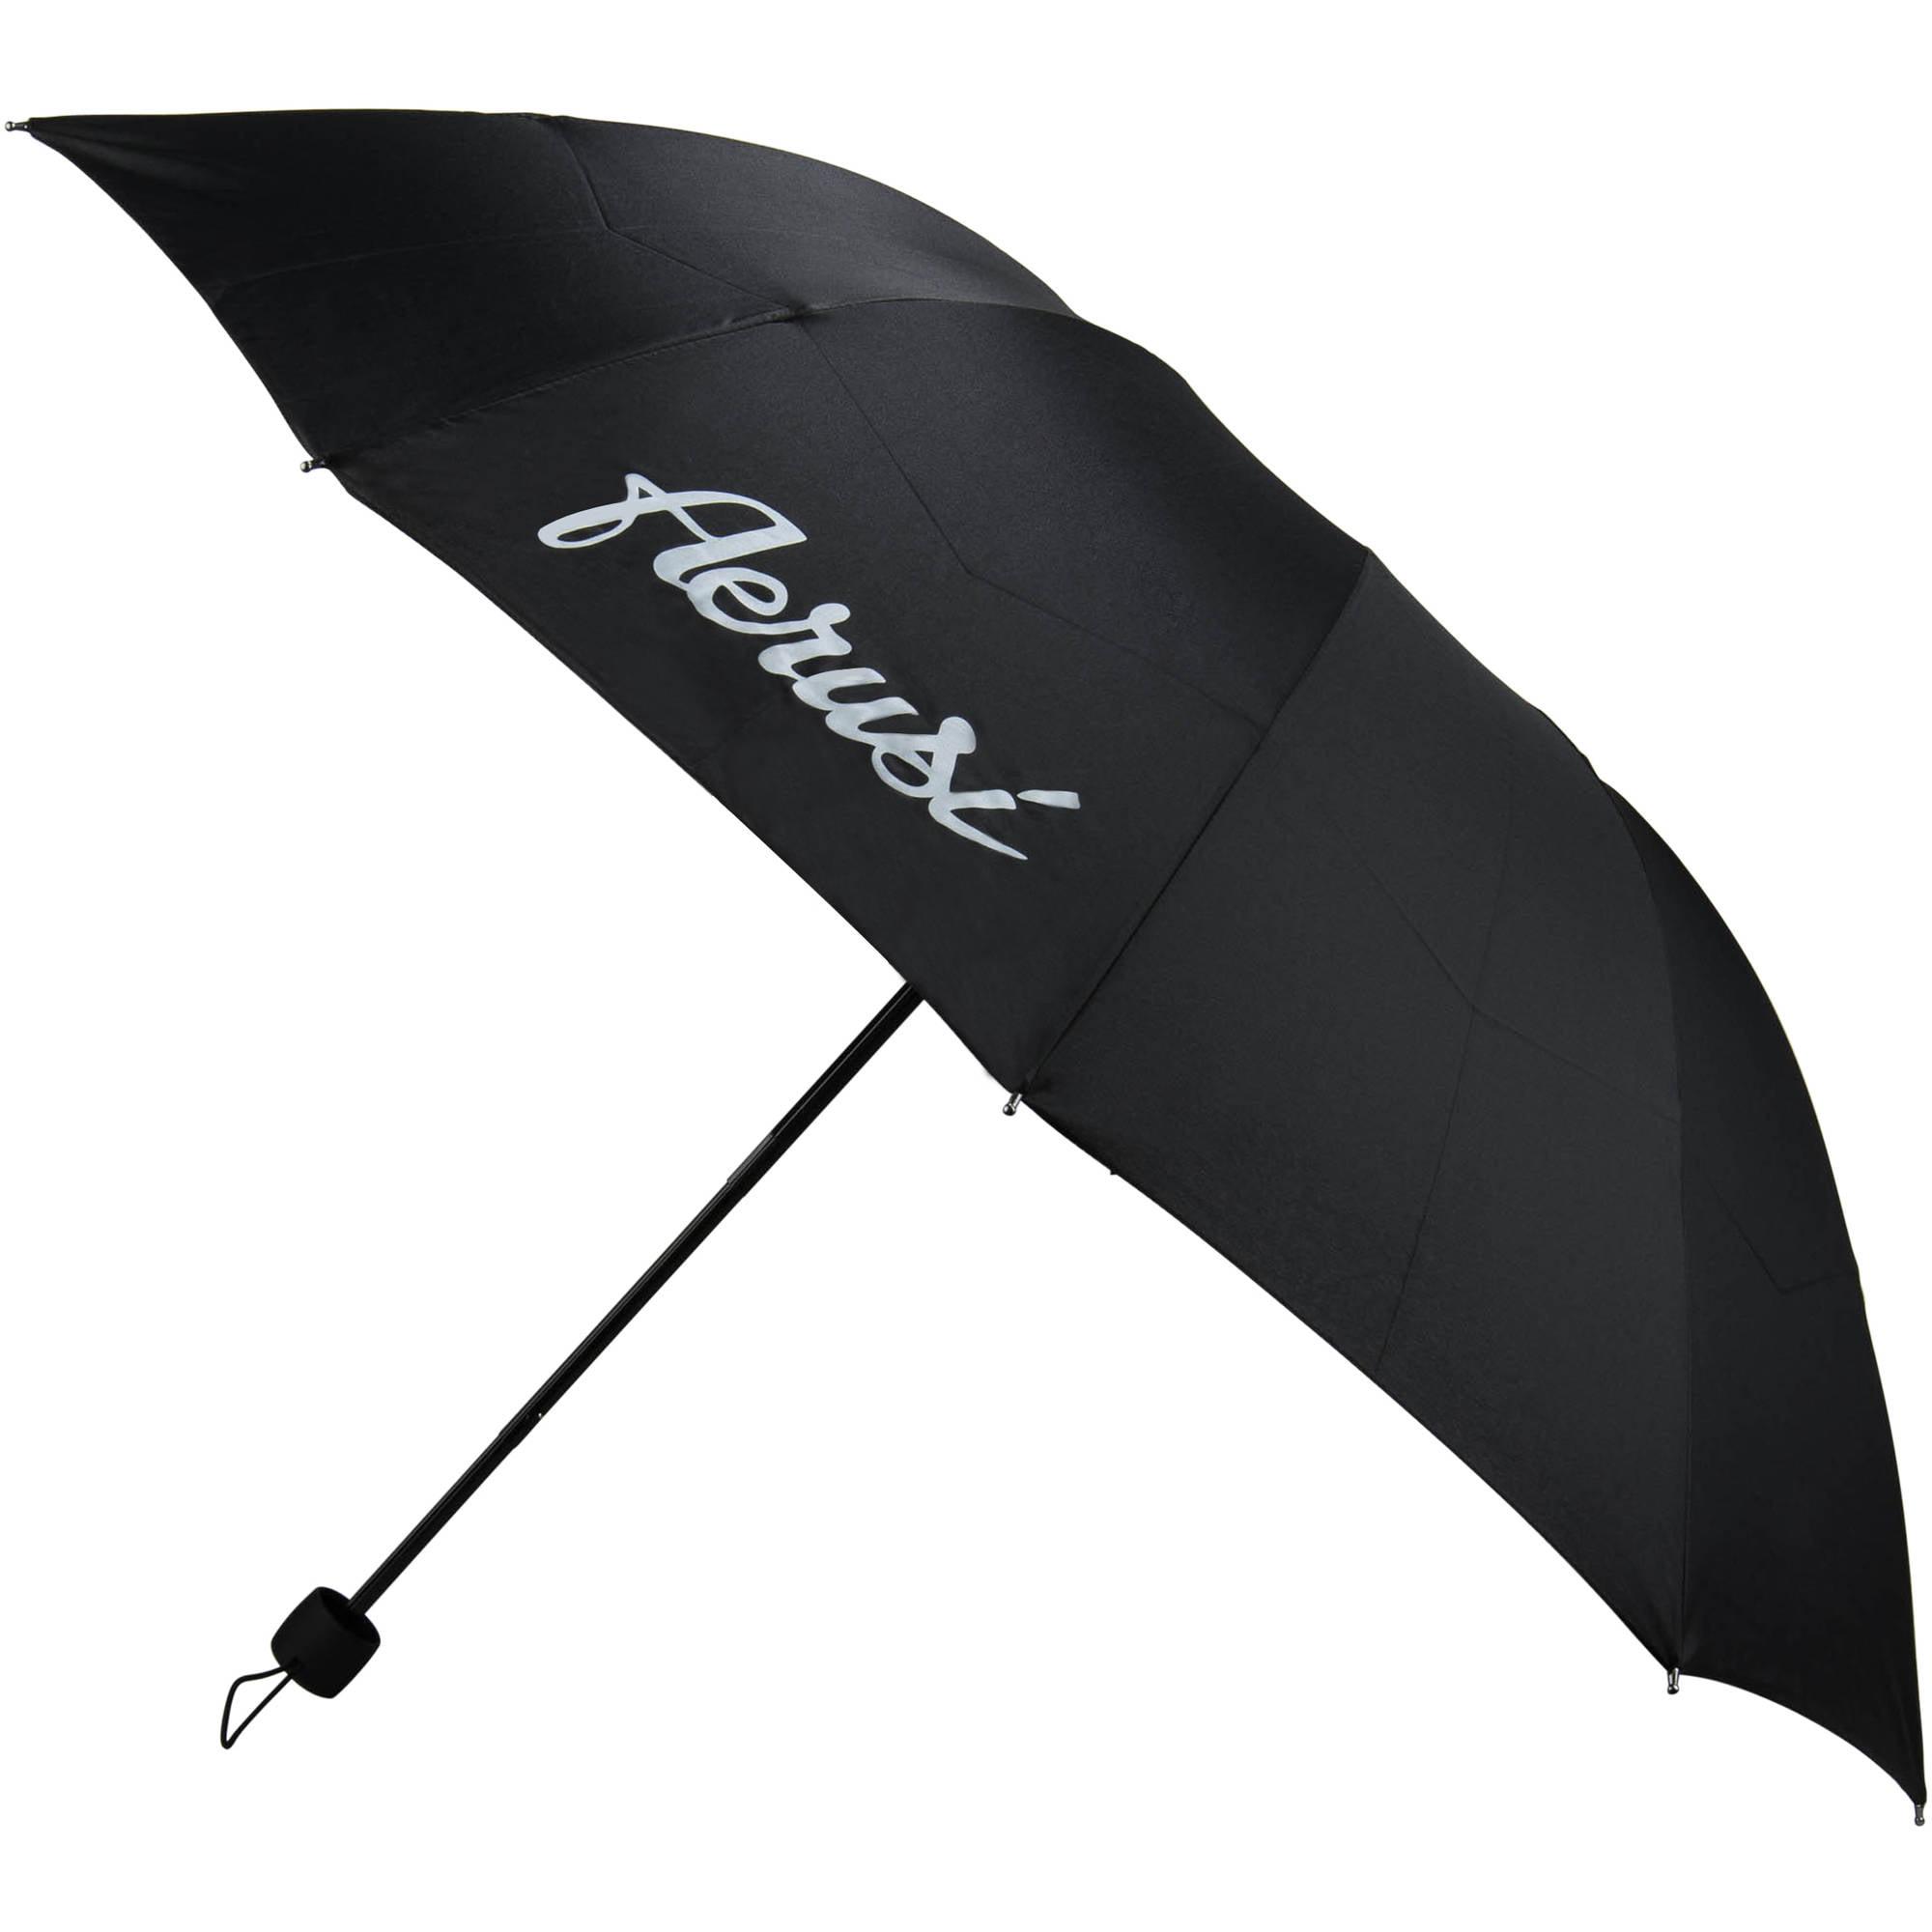 Image of AERUSI Classic Style 10 Rib Black Umbrella